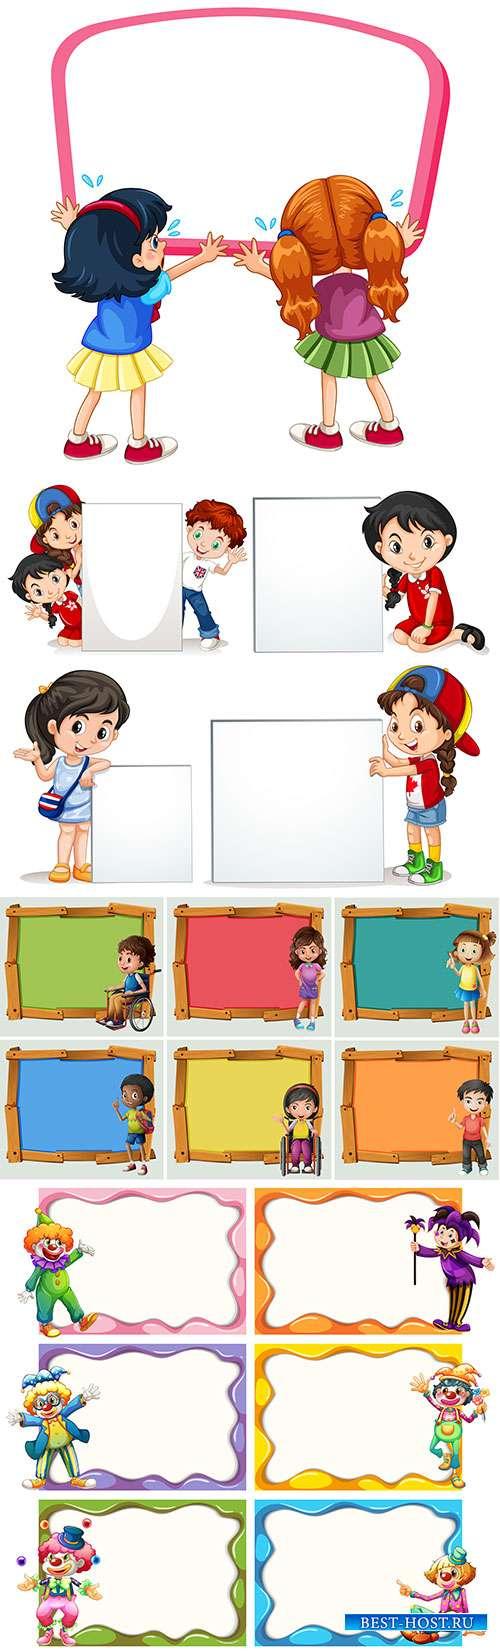 Дети с рамками - Векторный клипарт